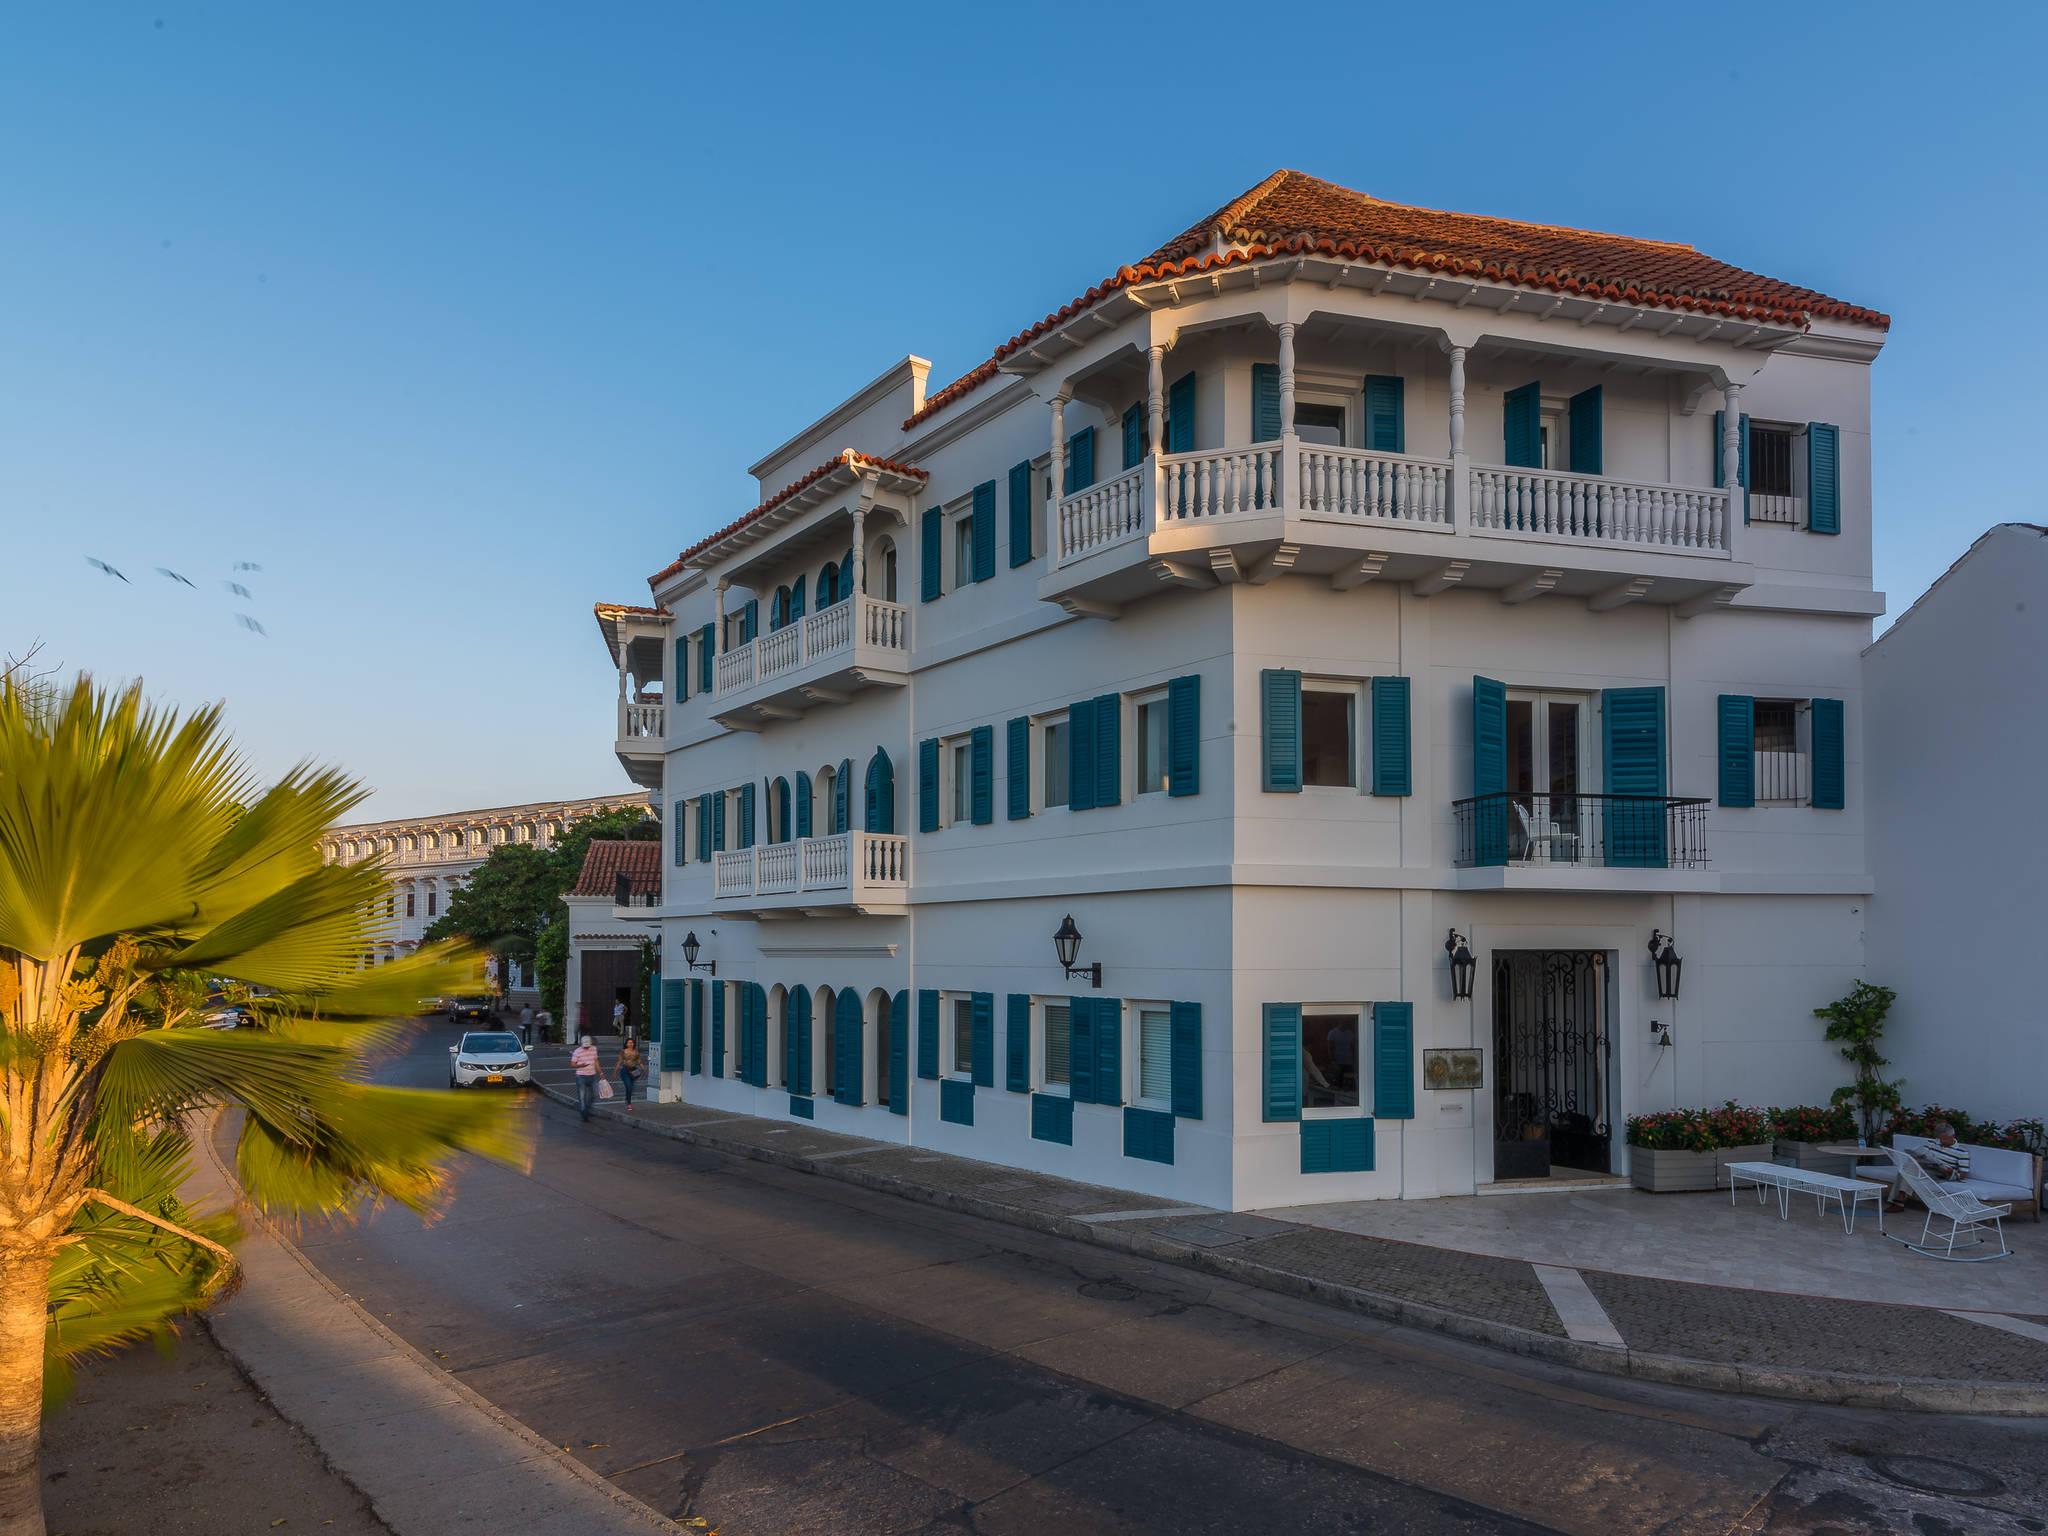 Hotel – Hotel Boutique Bovedas de Santa Clara